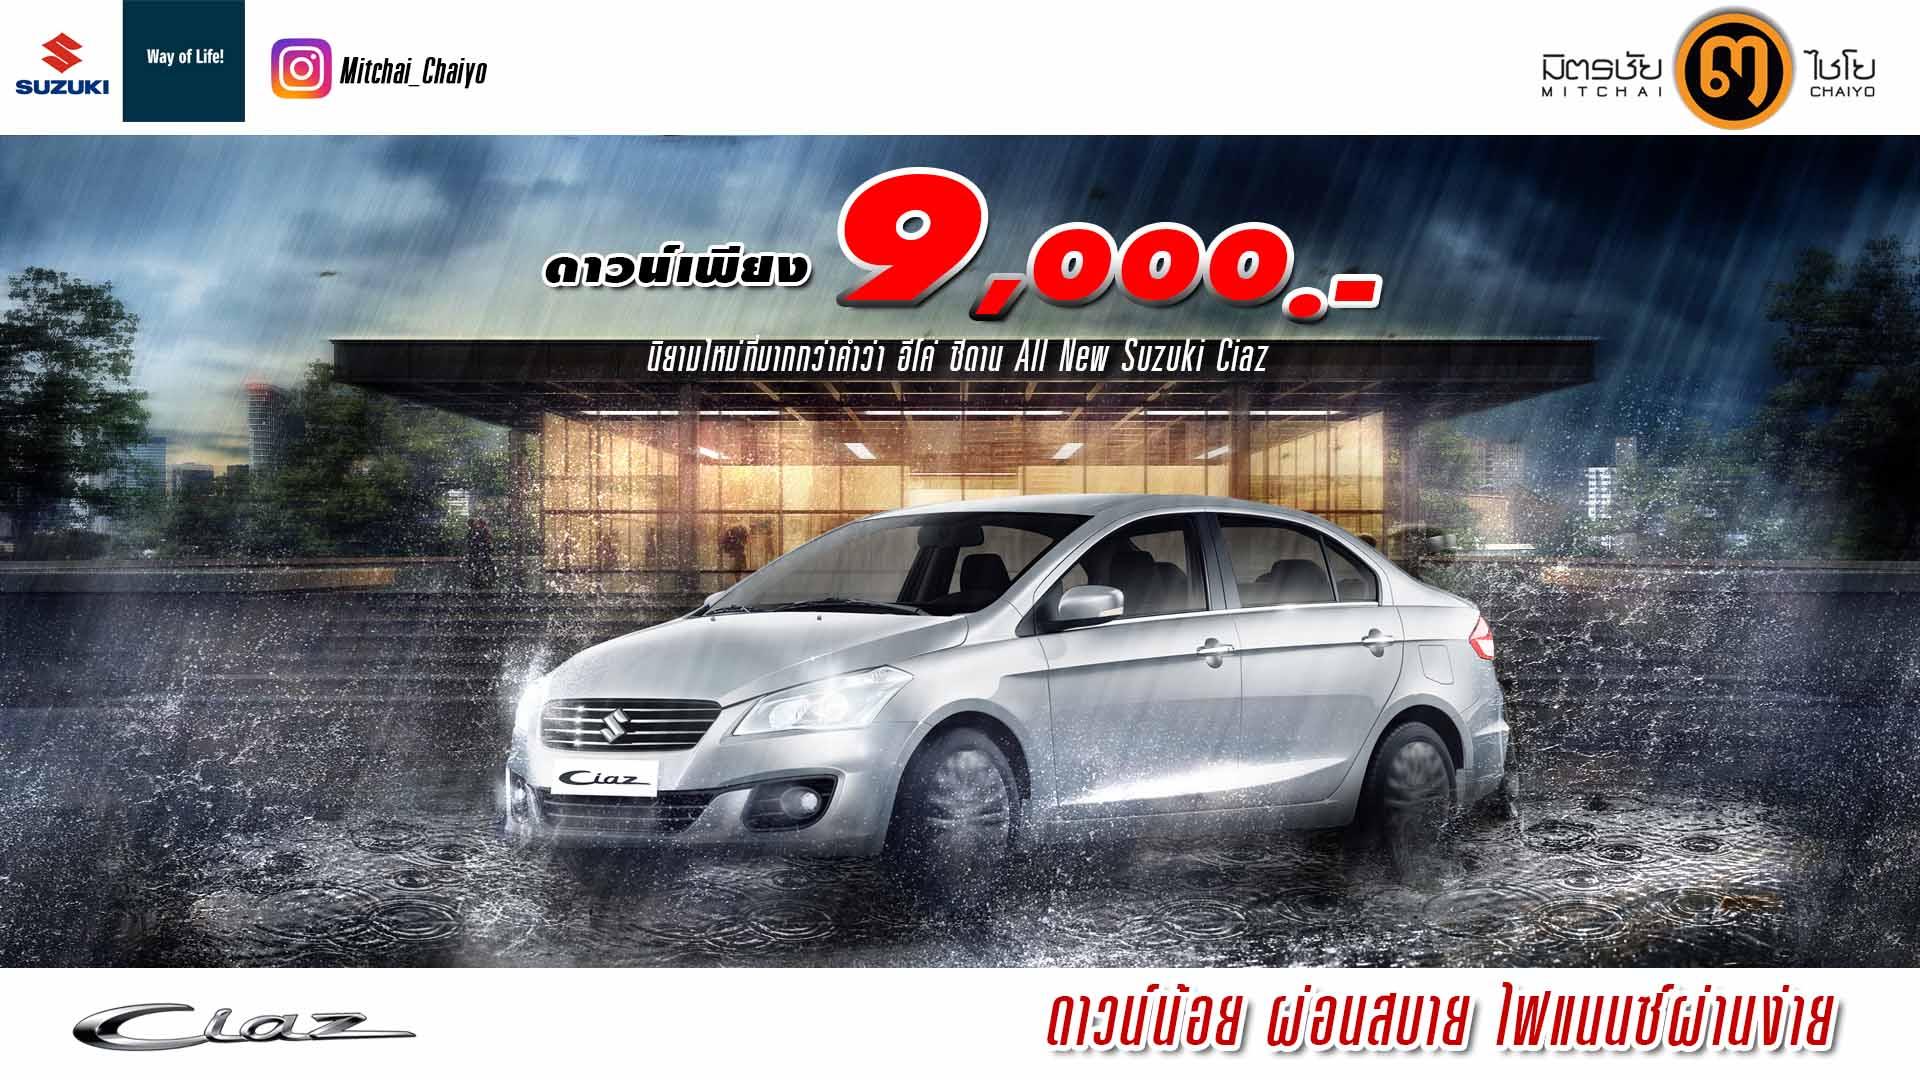 Suzuki Ciaz 9000